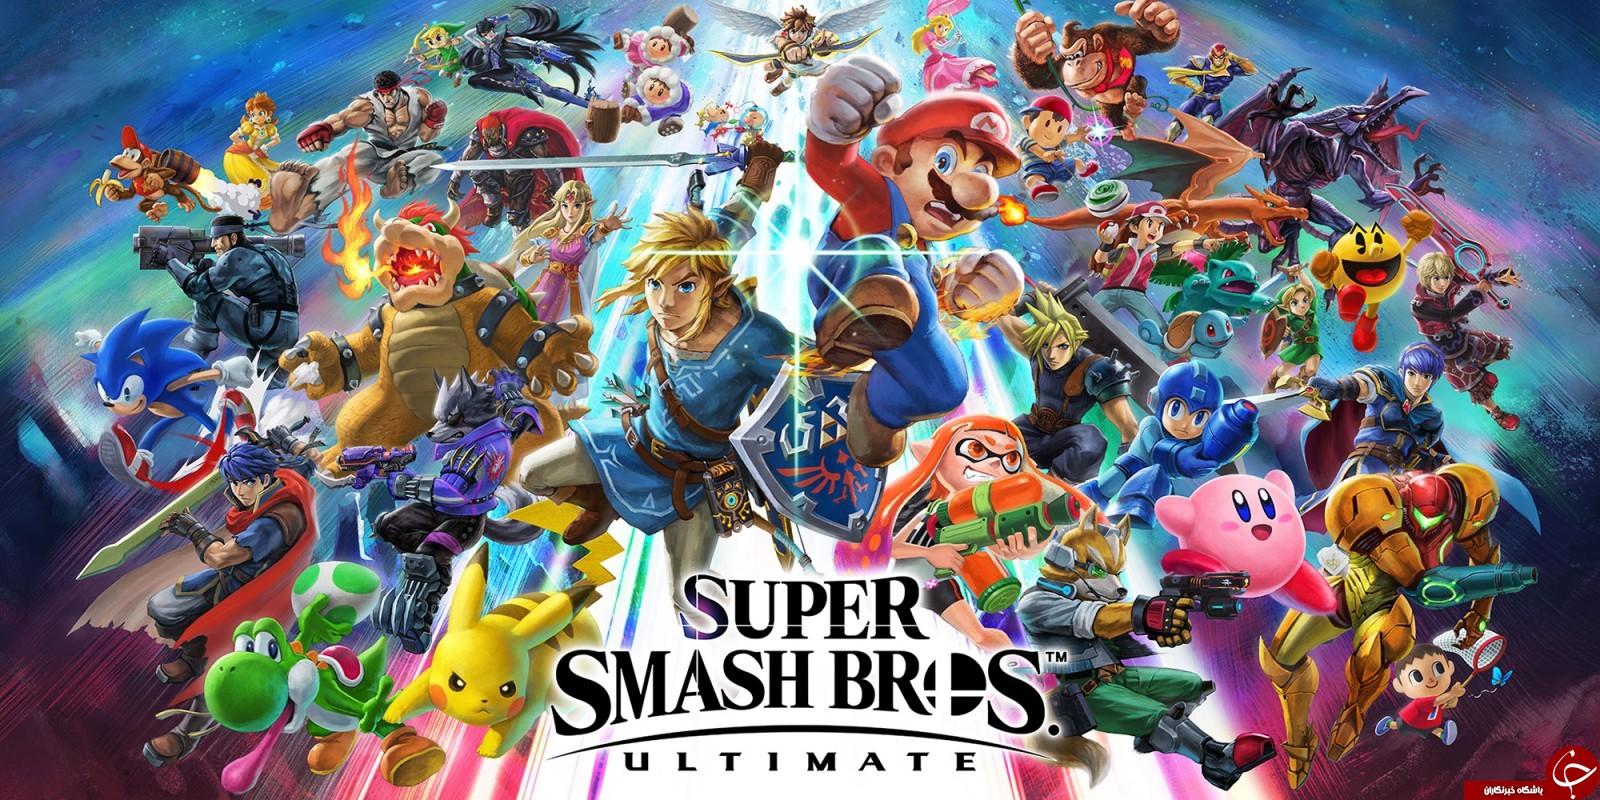 معرفی یک بازی مبارزهای جذاب بنام؛ Super Smash Bros. Ultimate +تصاویر